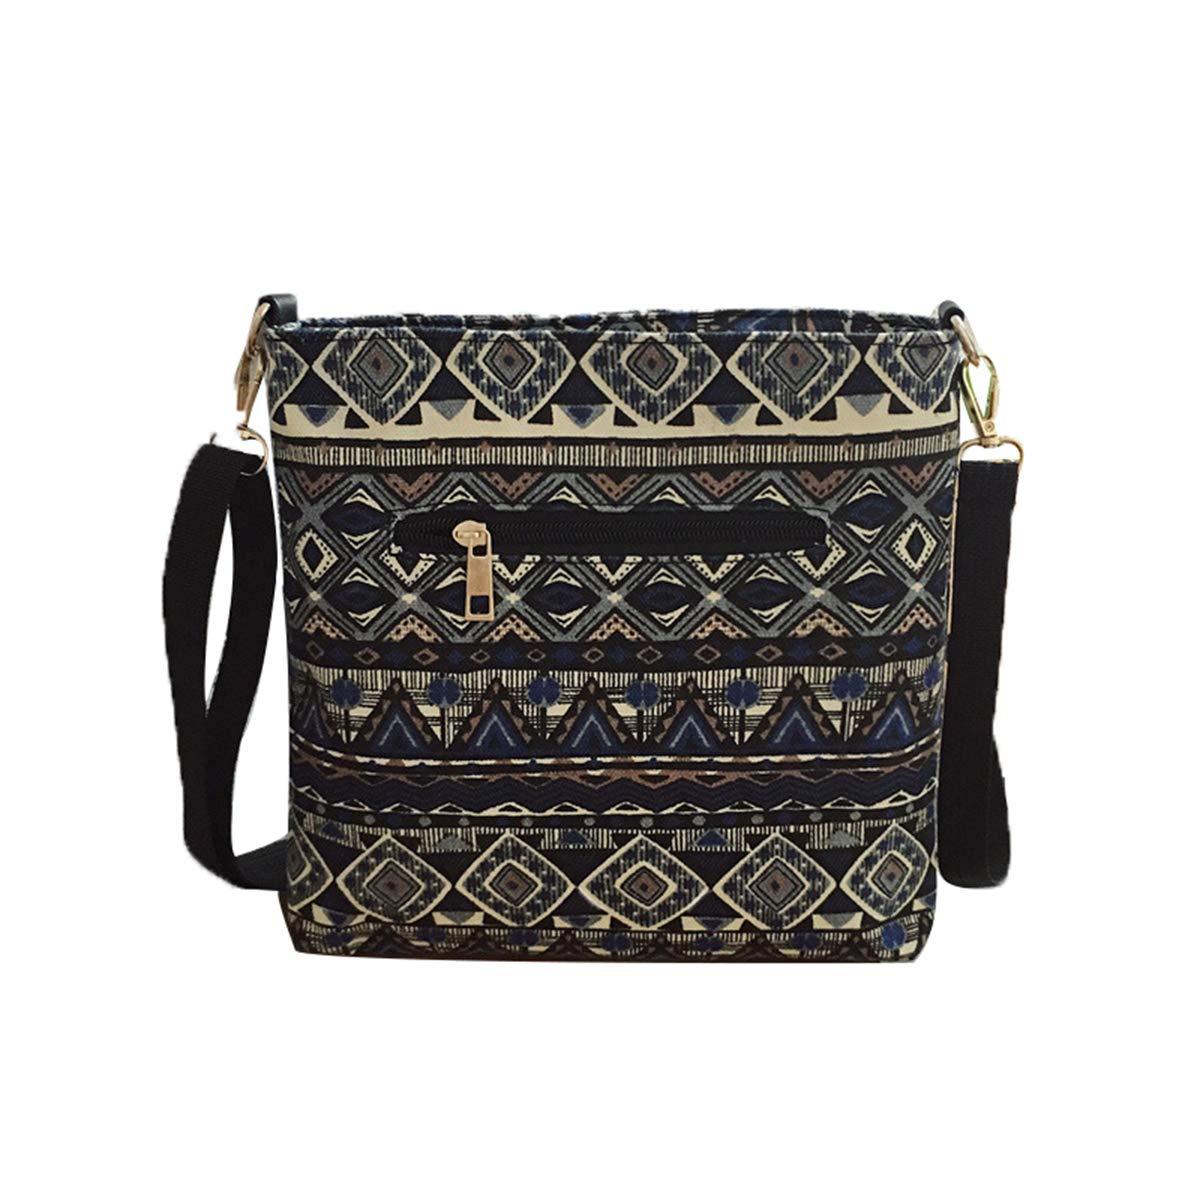 DaQao Vintage Etnico Borse Messenger Stampa Shopping Borse Spalla Pelle Viaggio Borsa a Tracolla Casual Donna Chest Bag